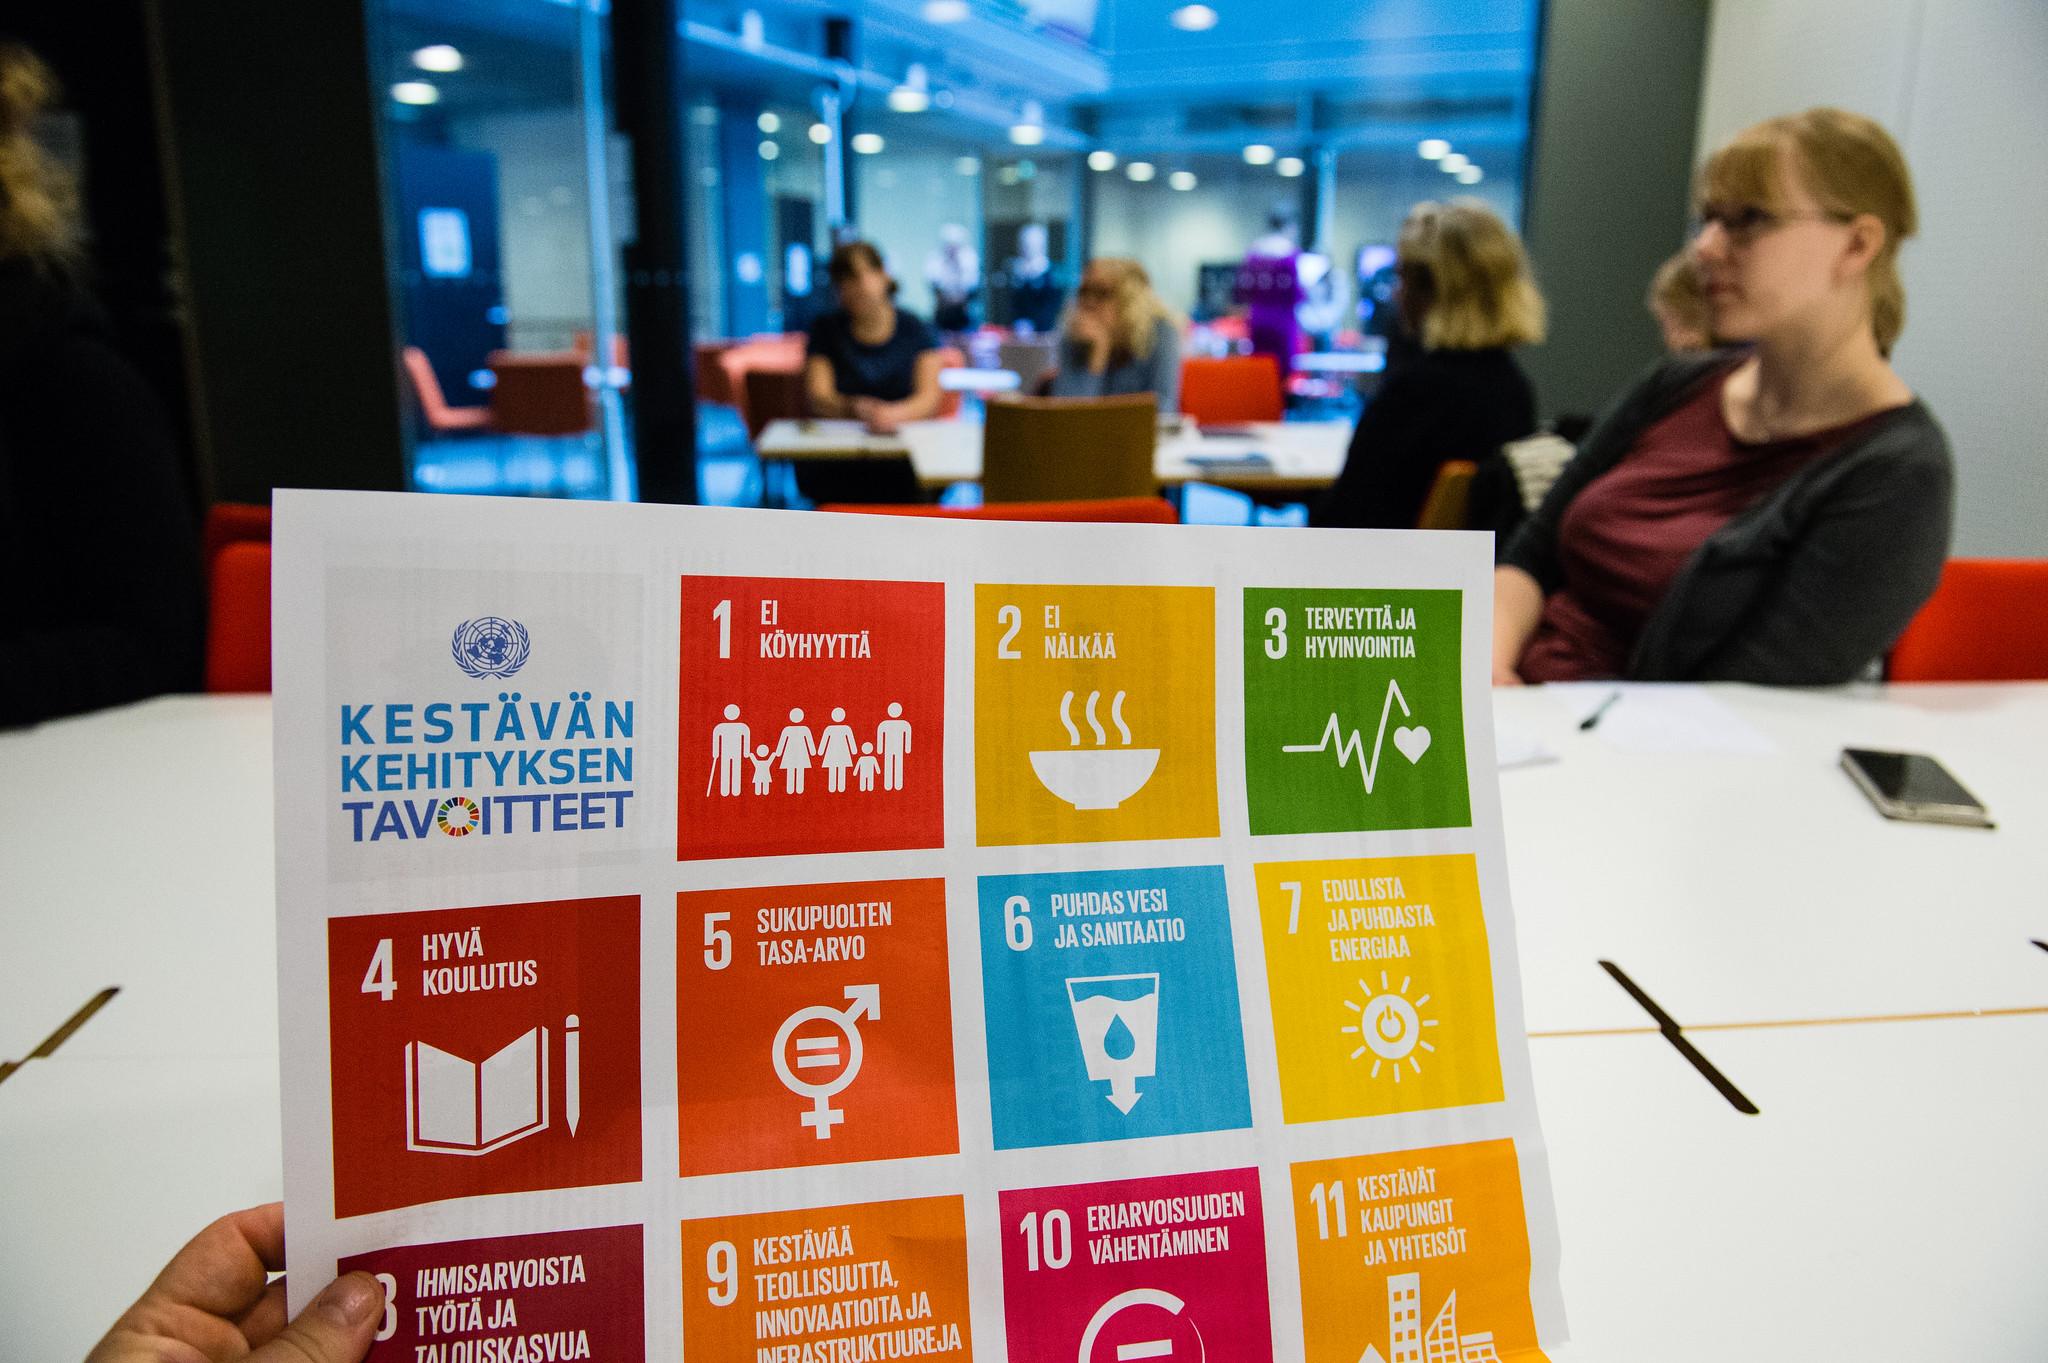 Osallistujat keskustelevat Maailma koulussa -globaalikasvatuksen seminaarissa Helsingissä